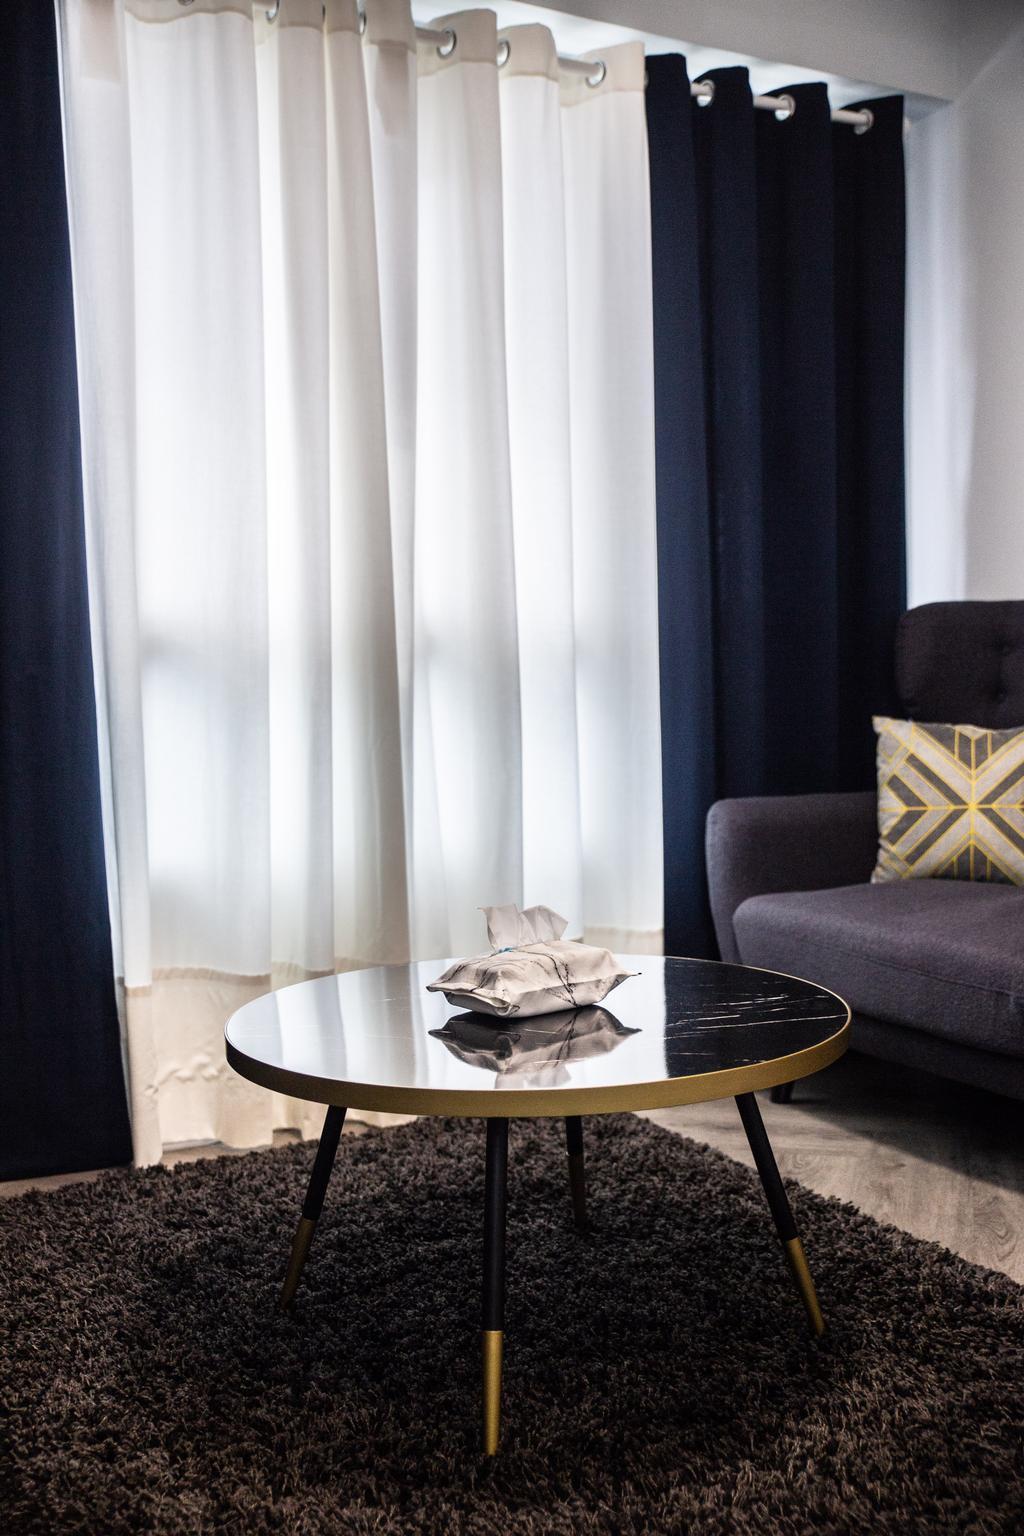 Renovation Ideas For 4a Hdb Living Room: Interior Design Singapore